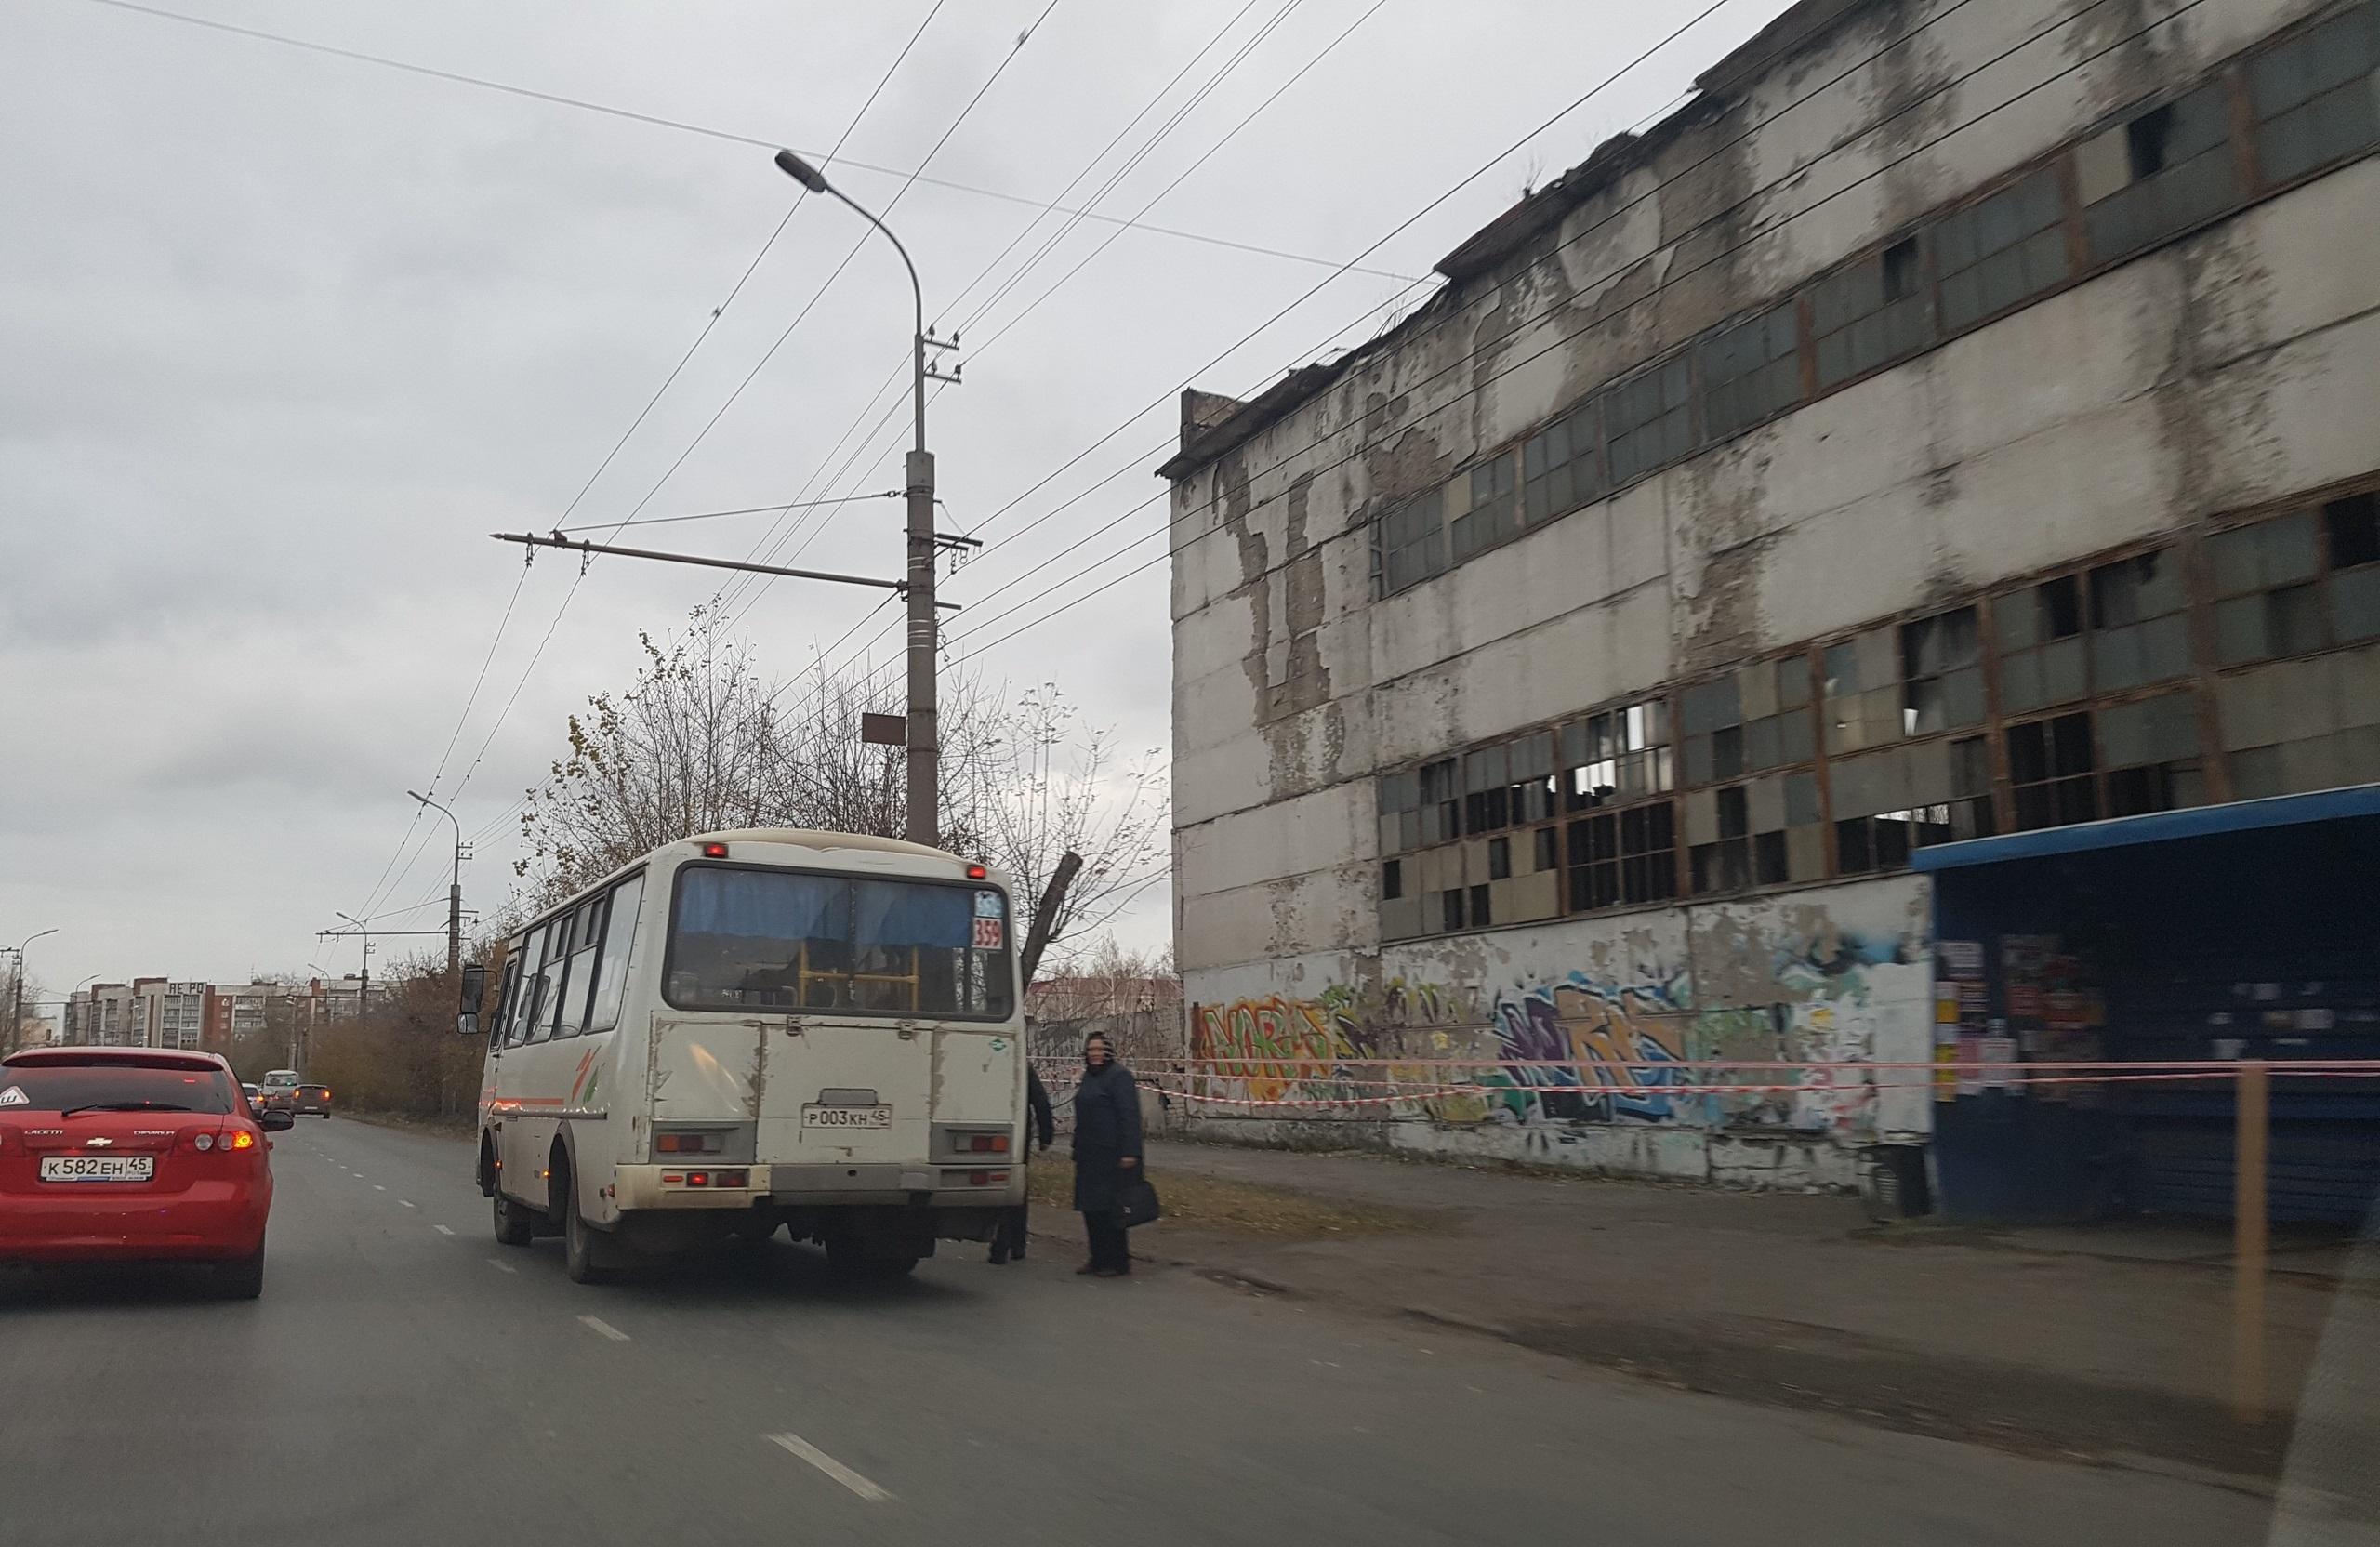 Автобусную остановку перенесли на несколько метров от стены здания